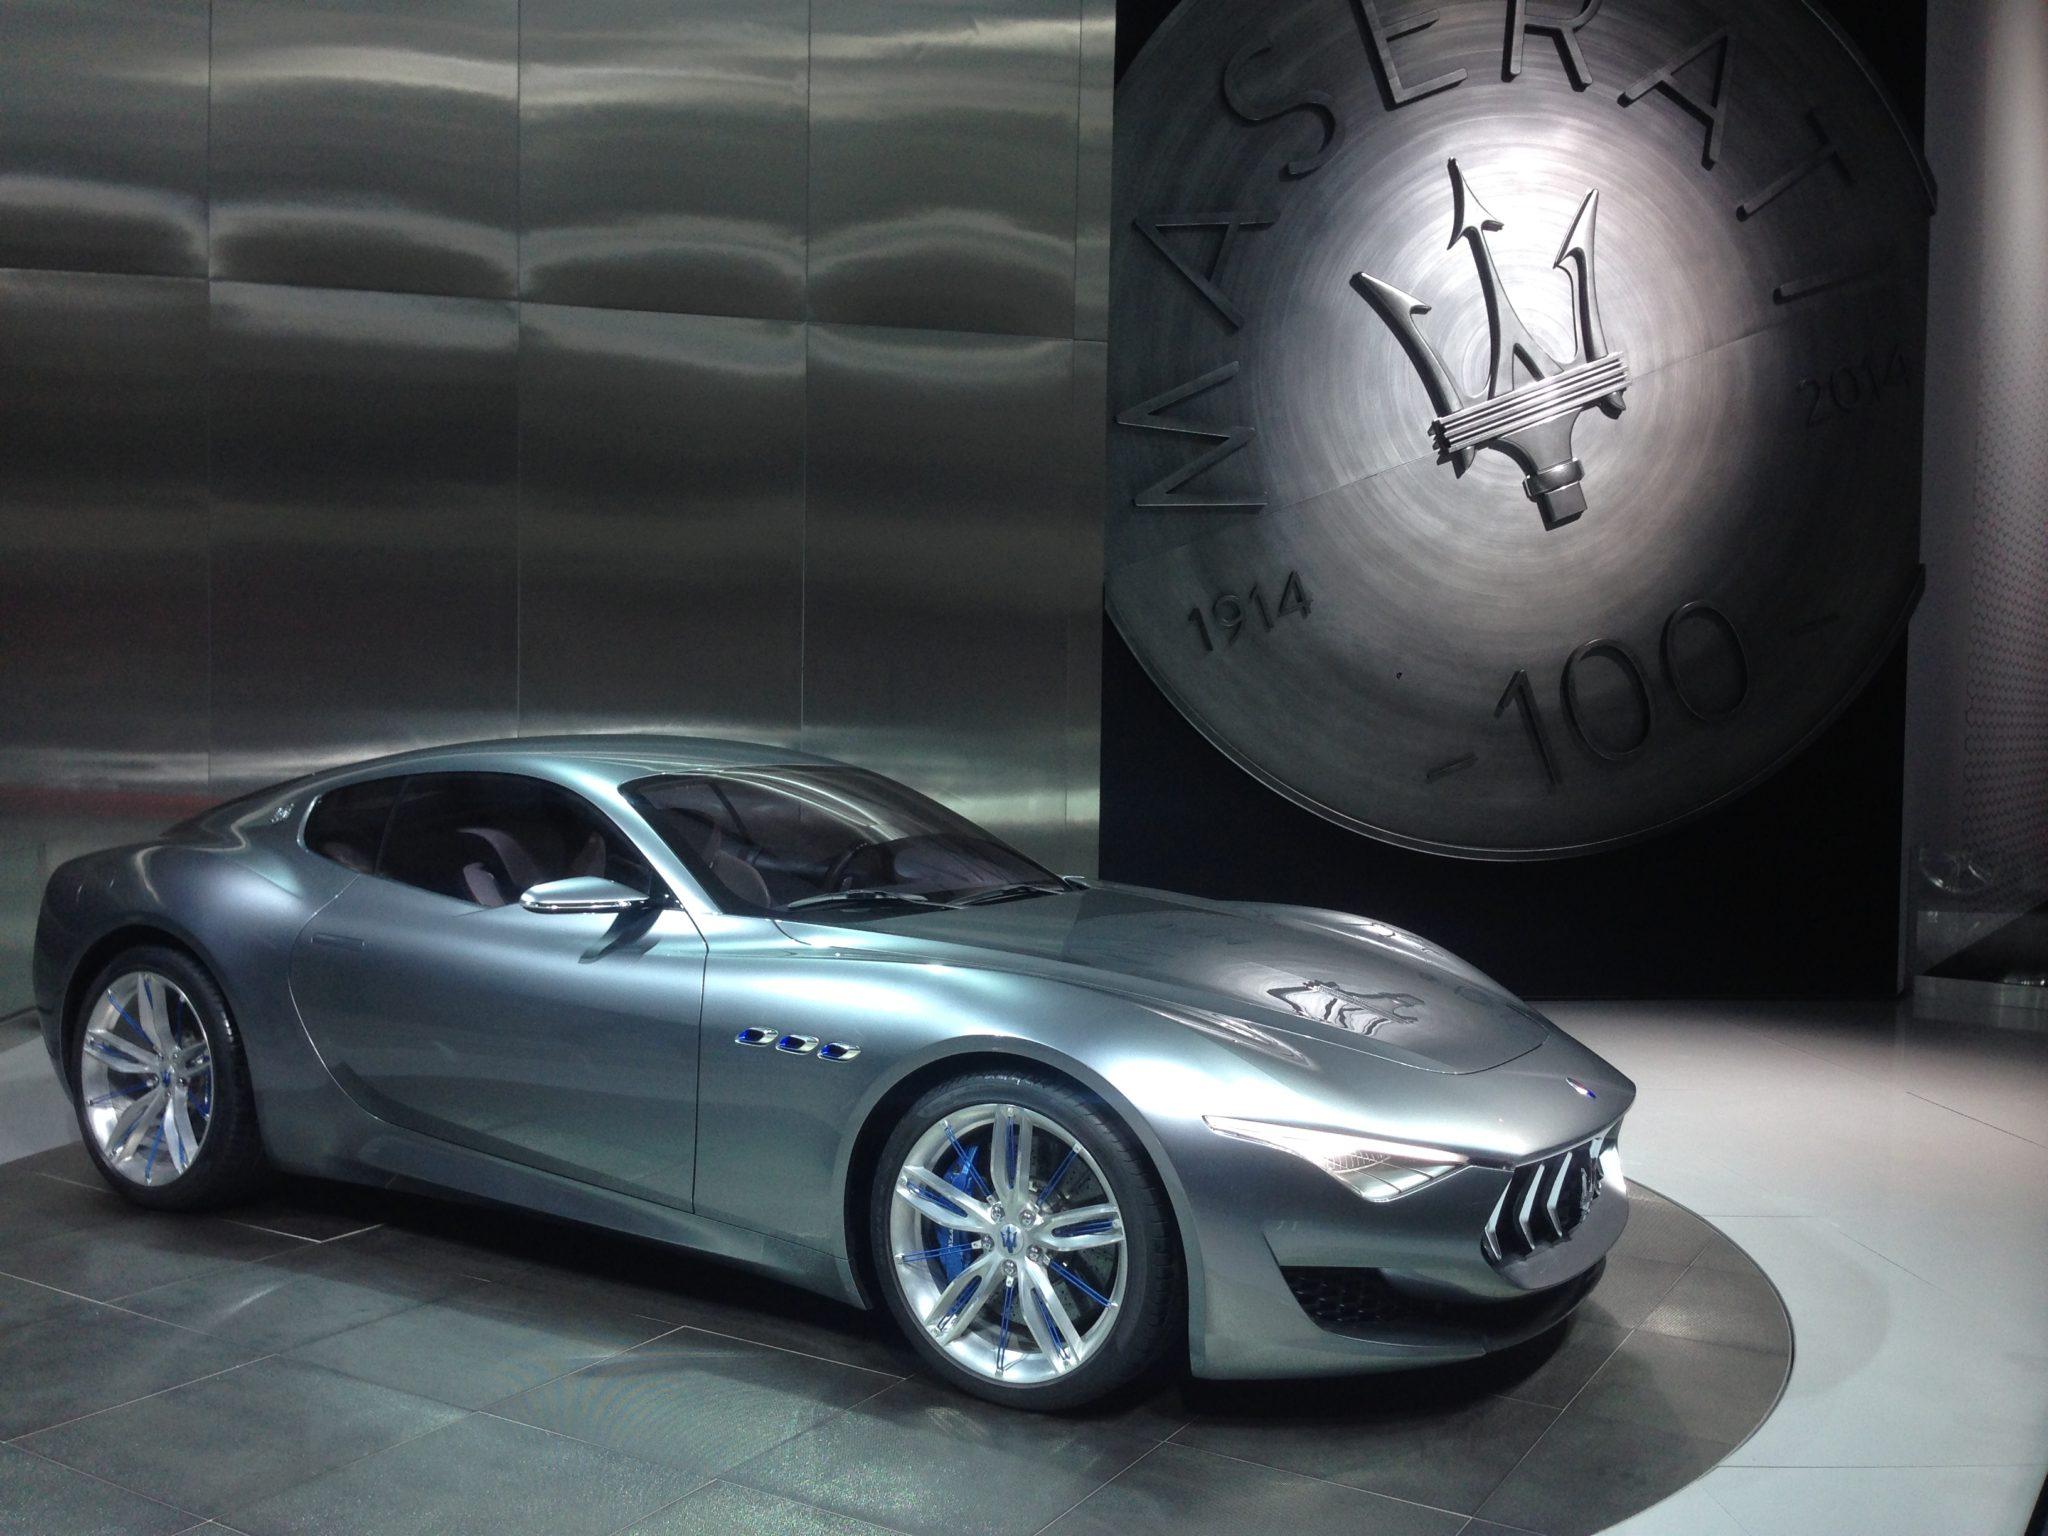 Maserati Gran Turismo at the 2015 North American International Auto Show